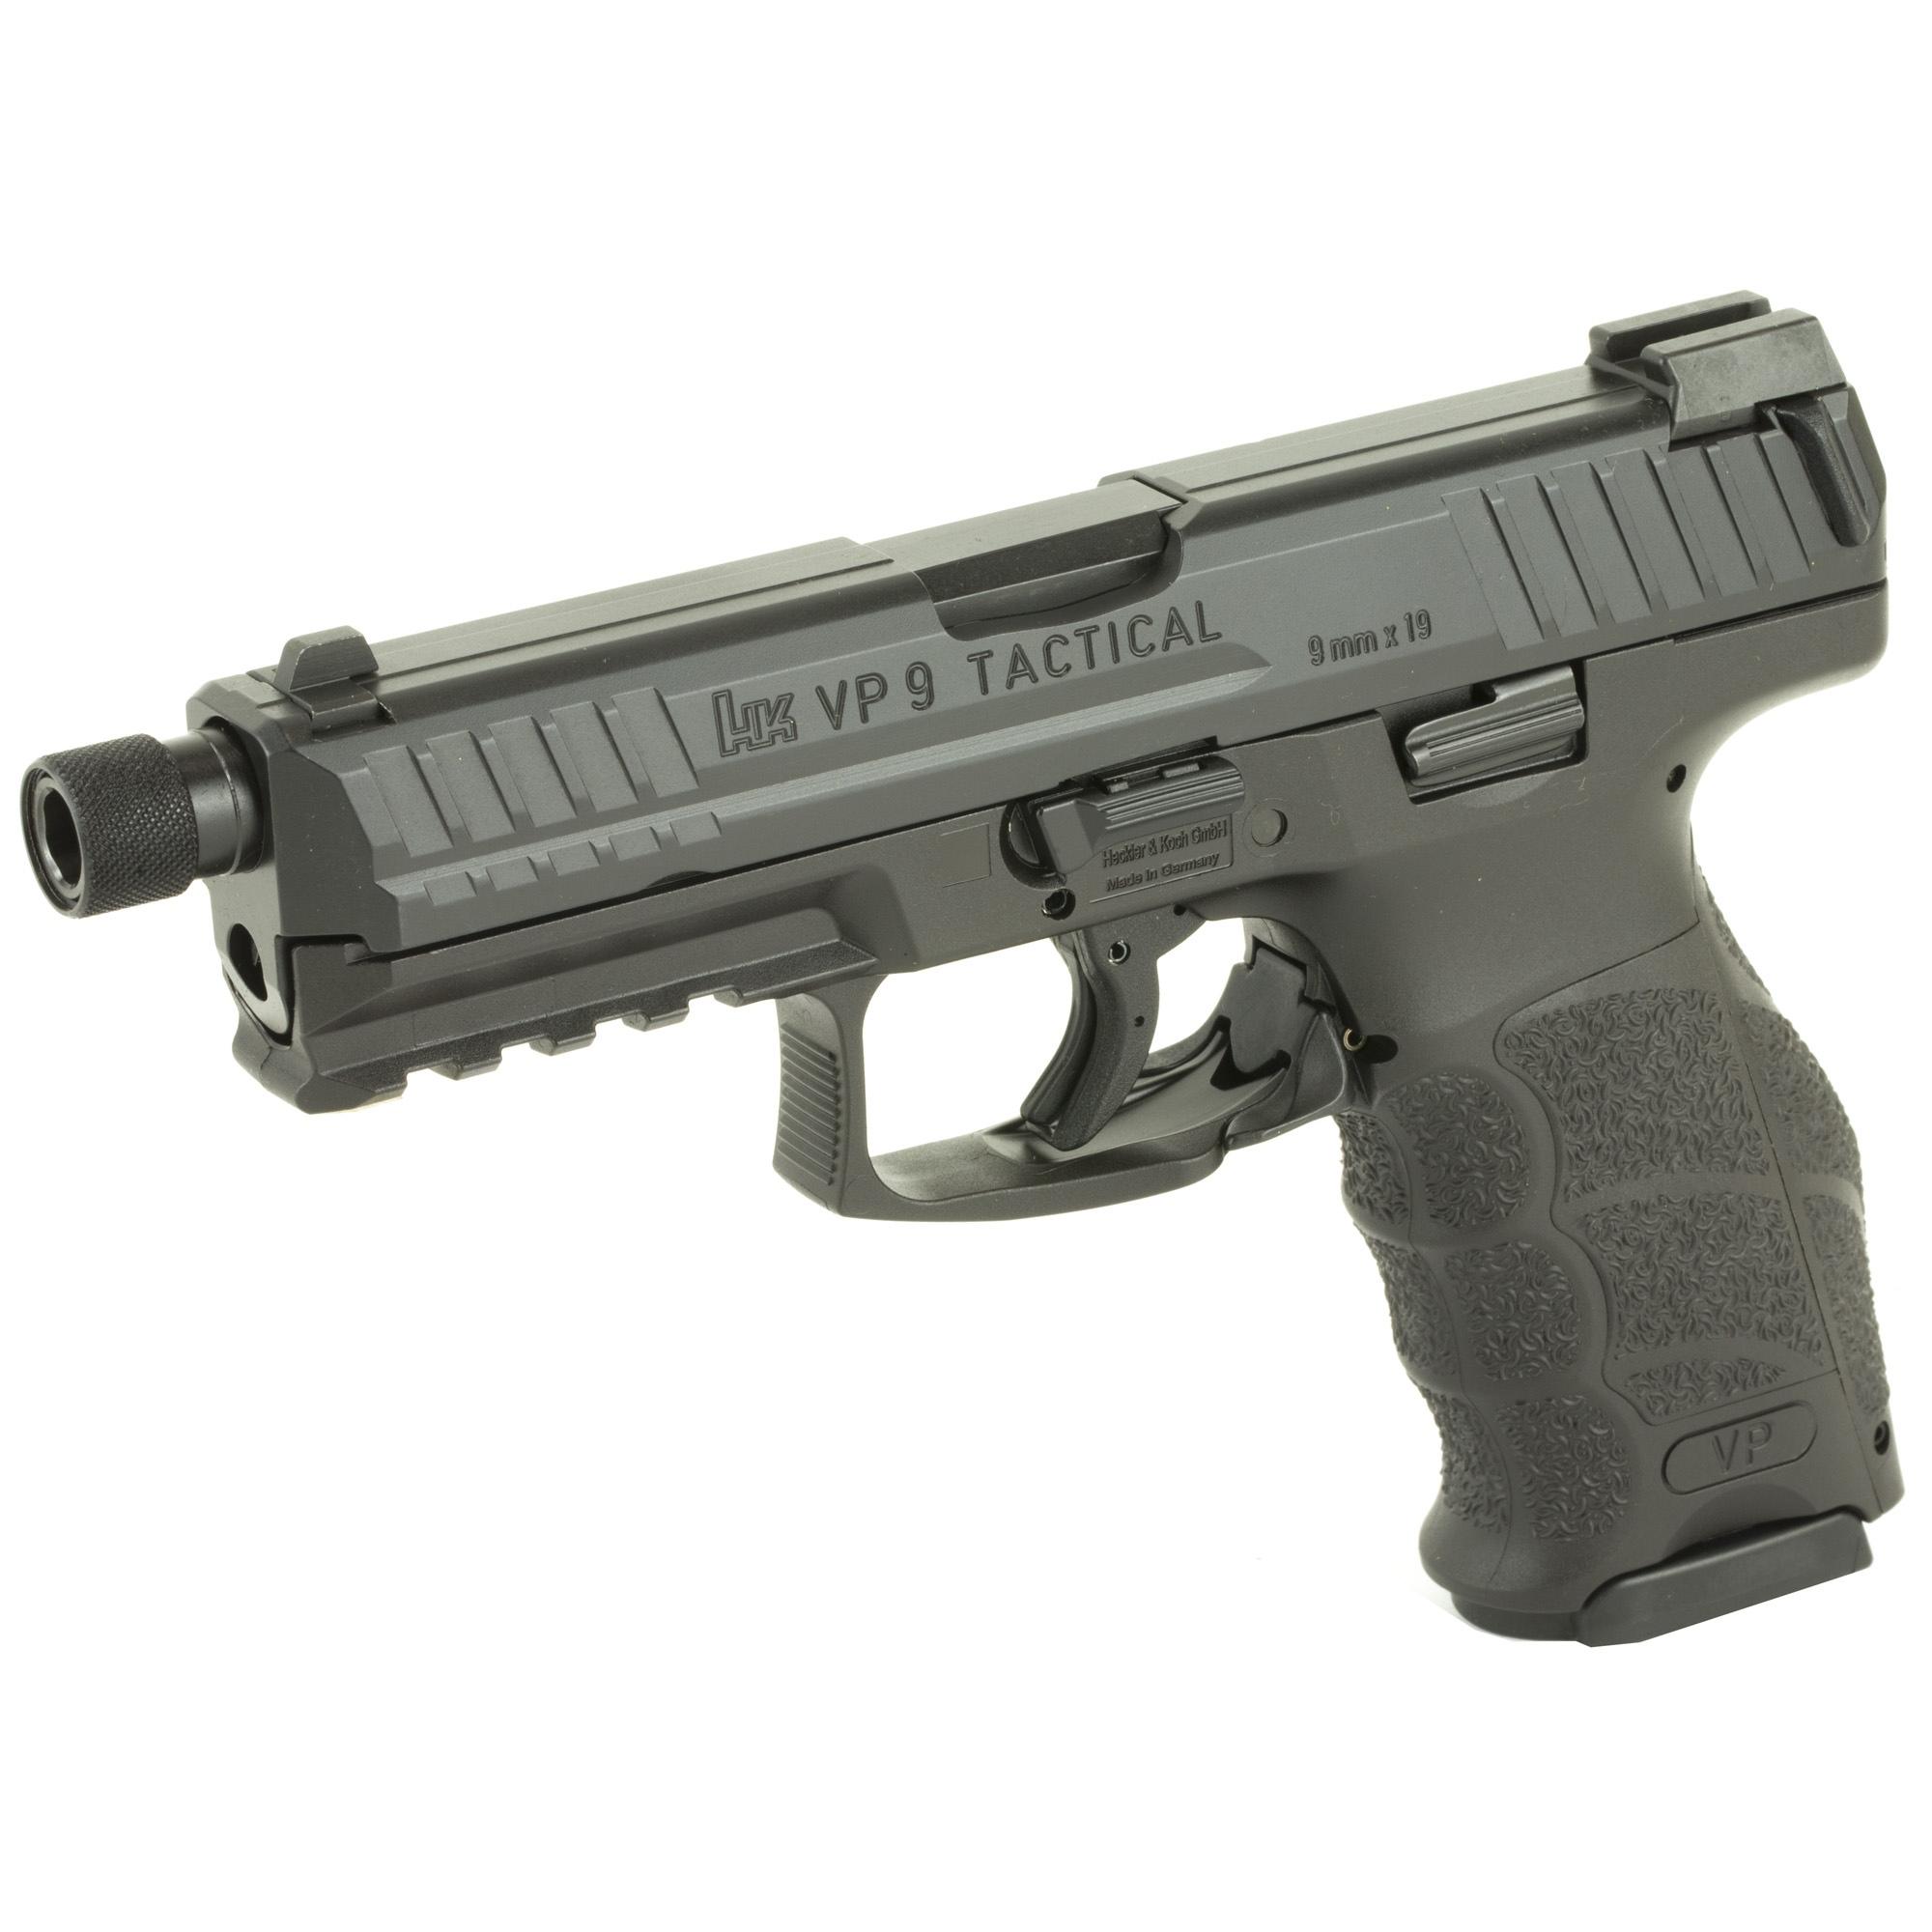 HK VP9 LE 9mm Threaded Barrel Black · DK Firearms